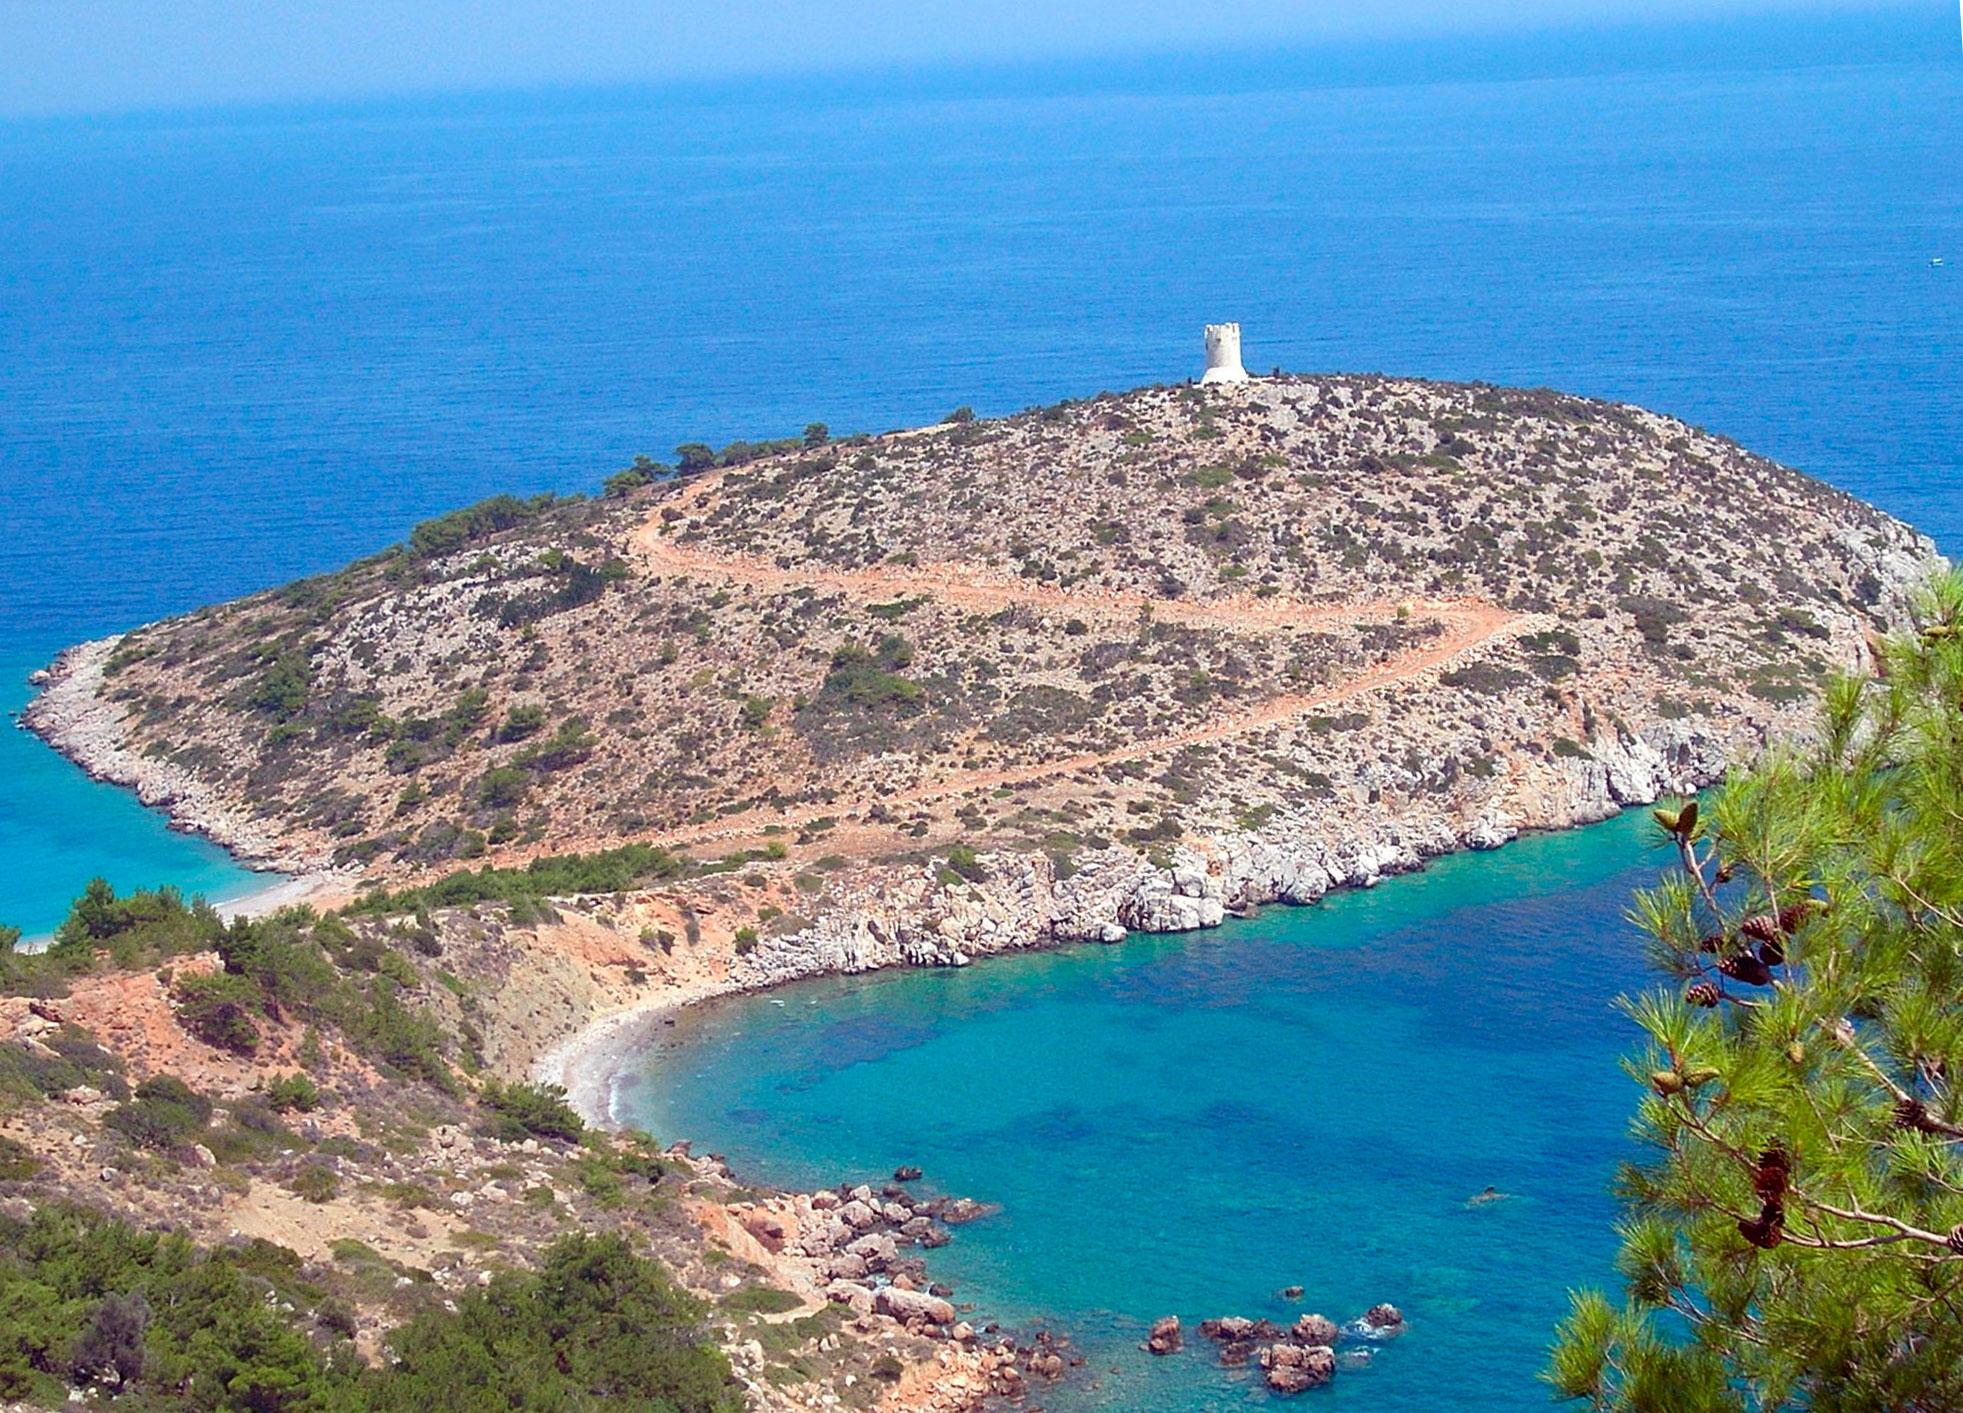 греческий остров Хиос – без визы в 2018 году